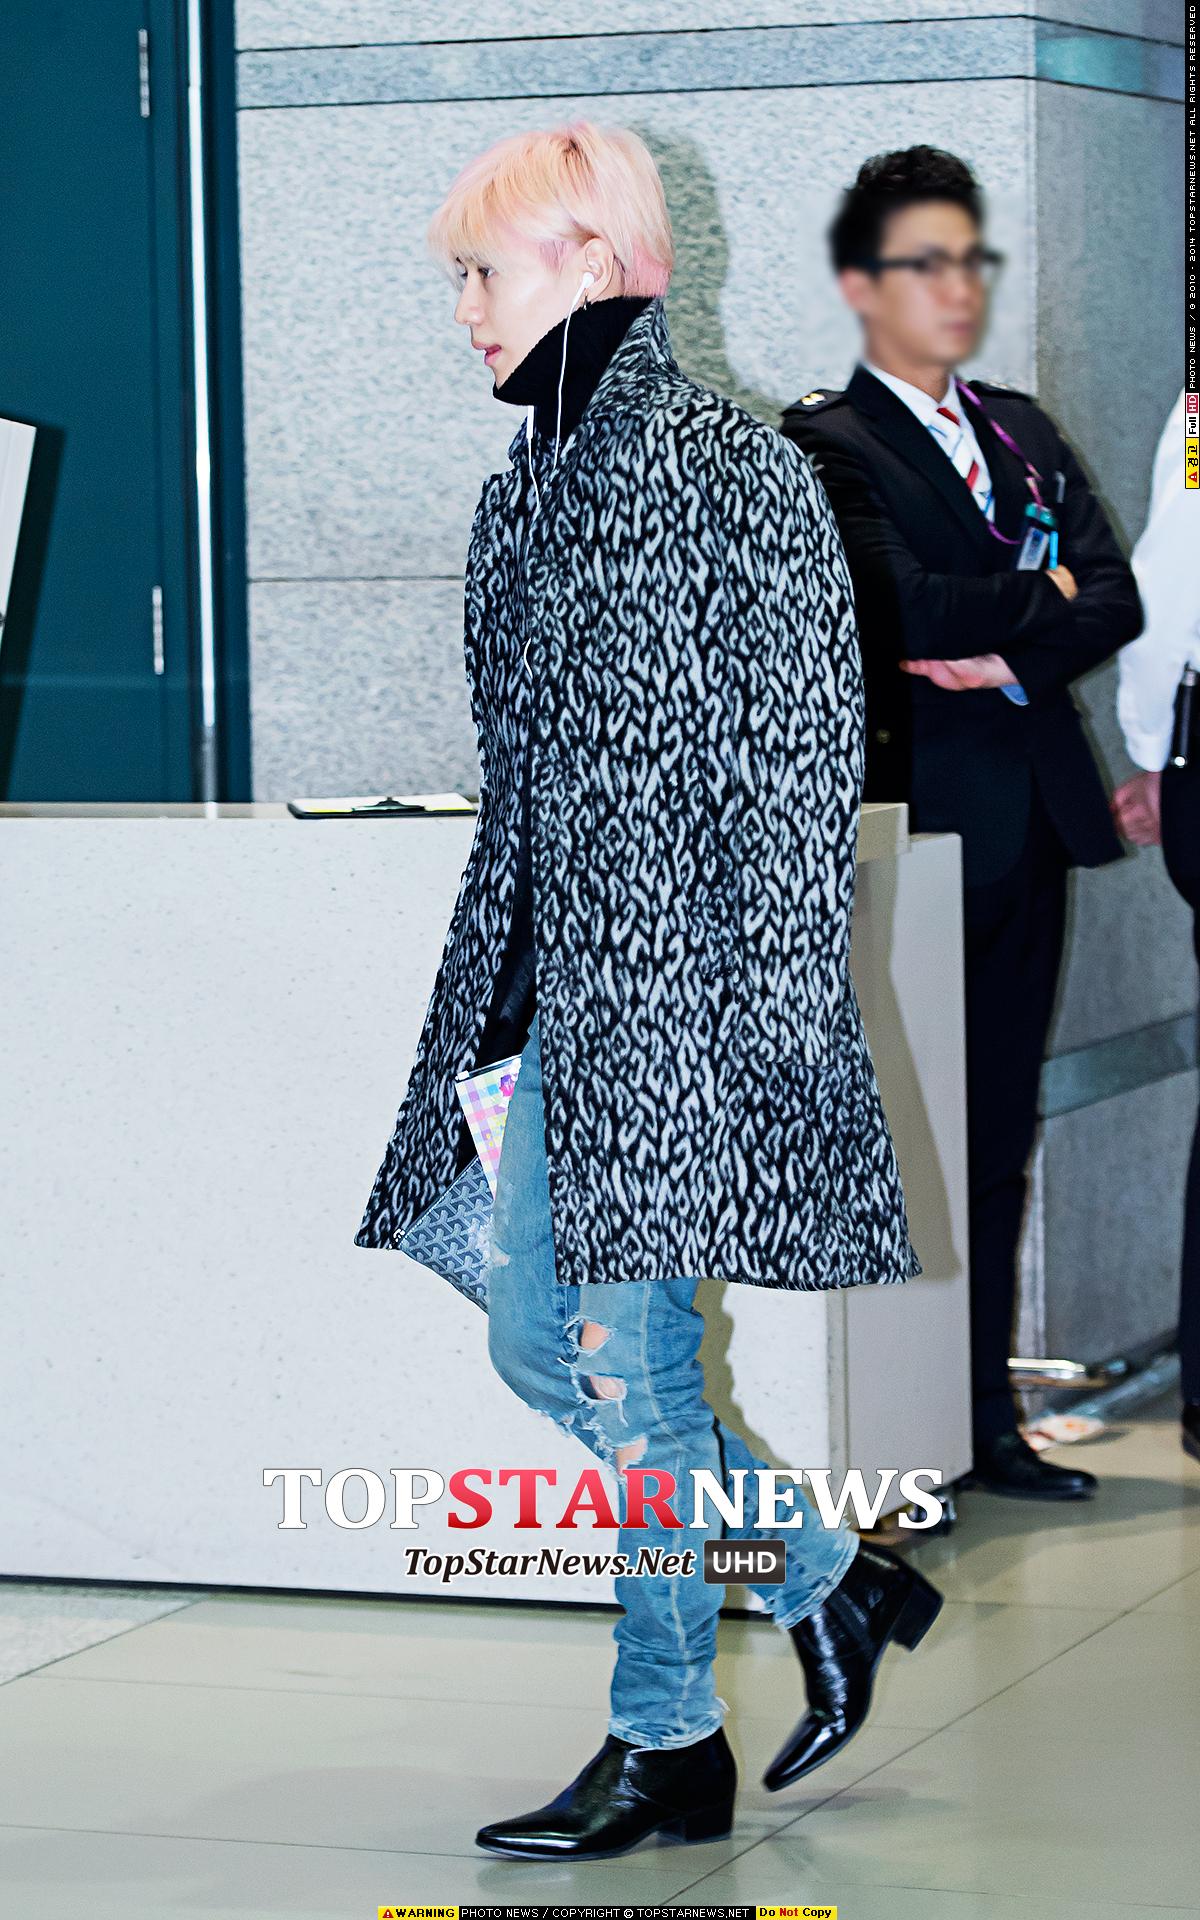 說到髮型的重要,SHINee 泰民的強烈粉色髮,成為整體機場造型的一大視線焦點!